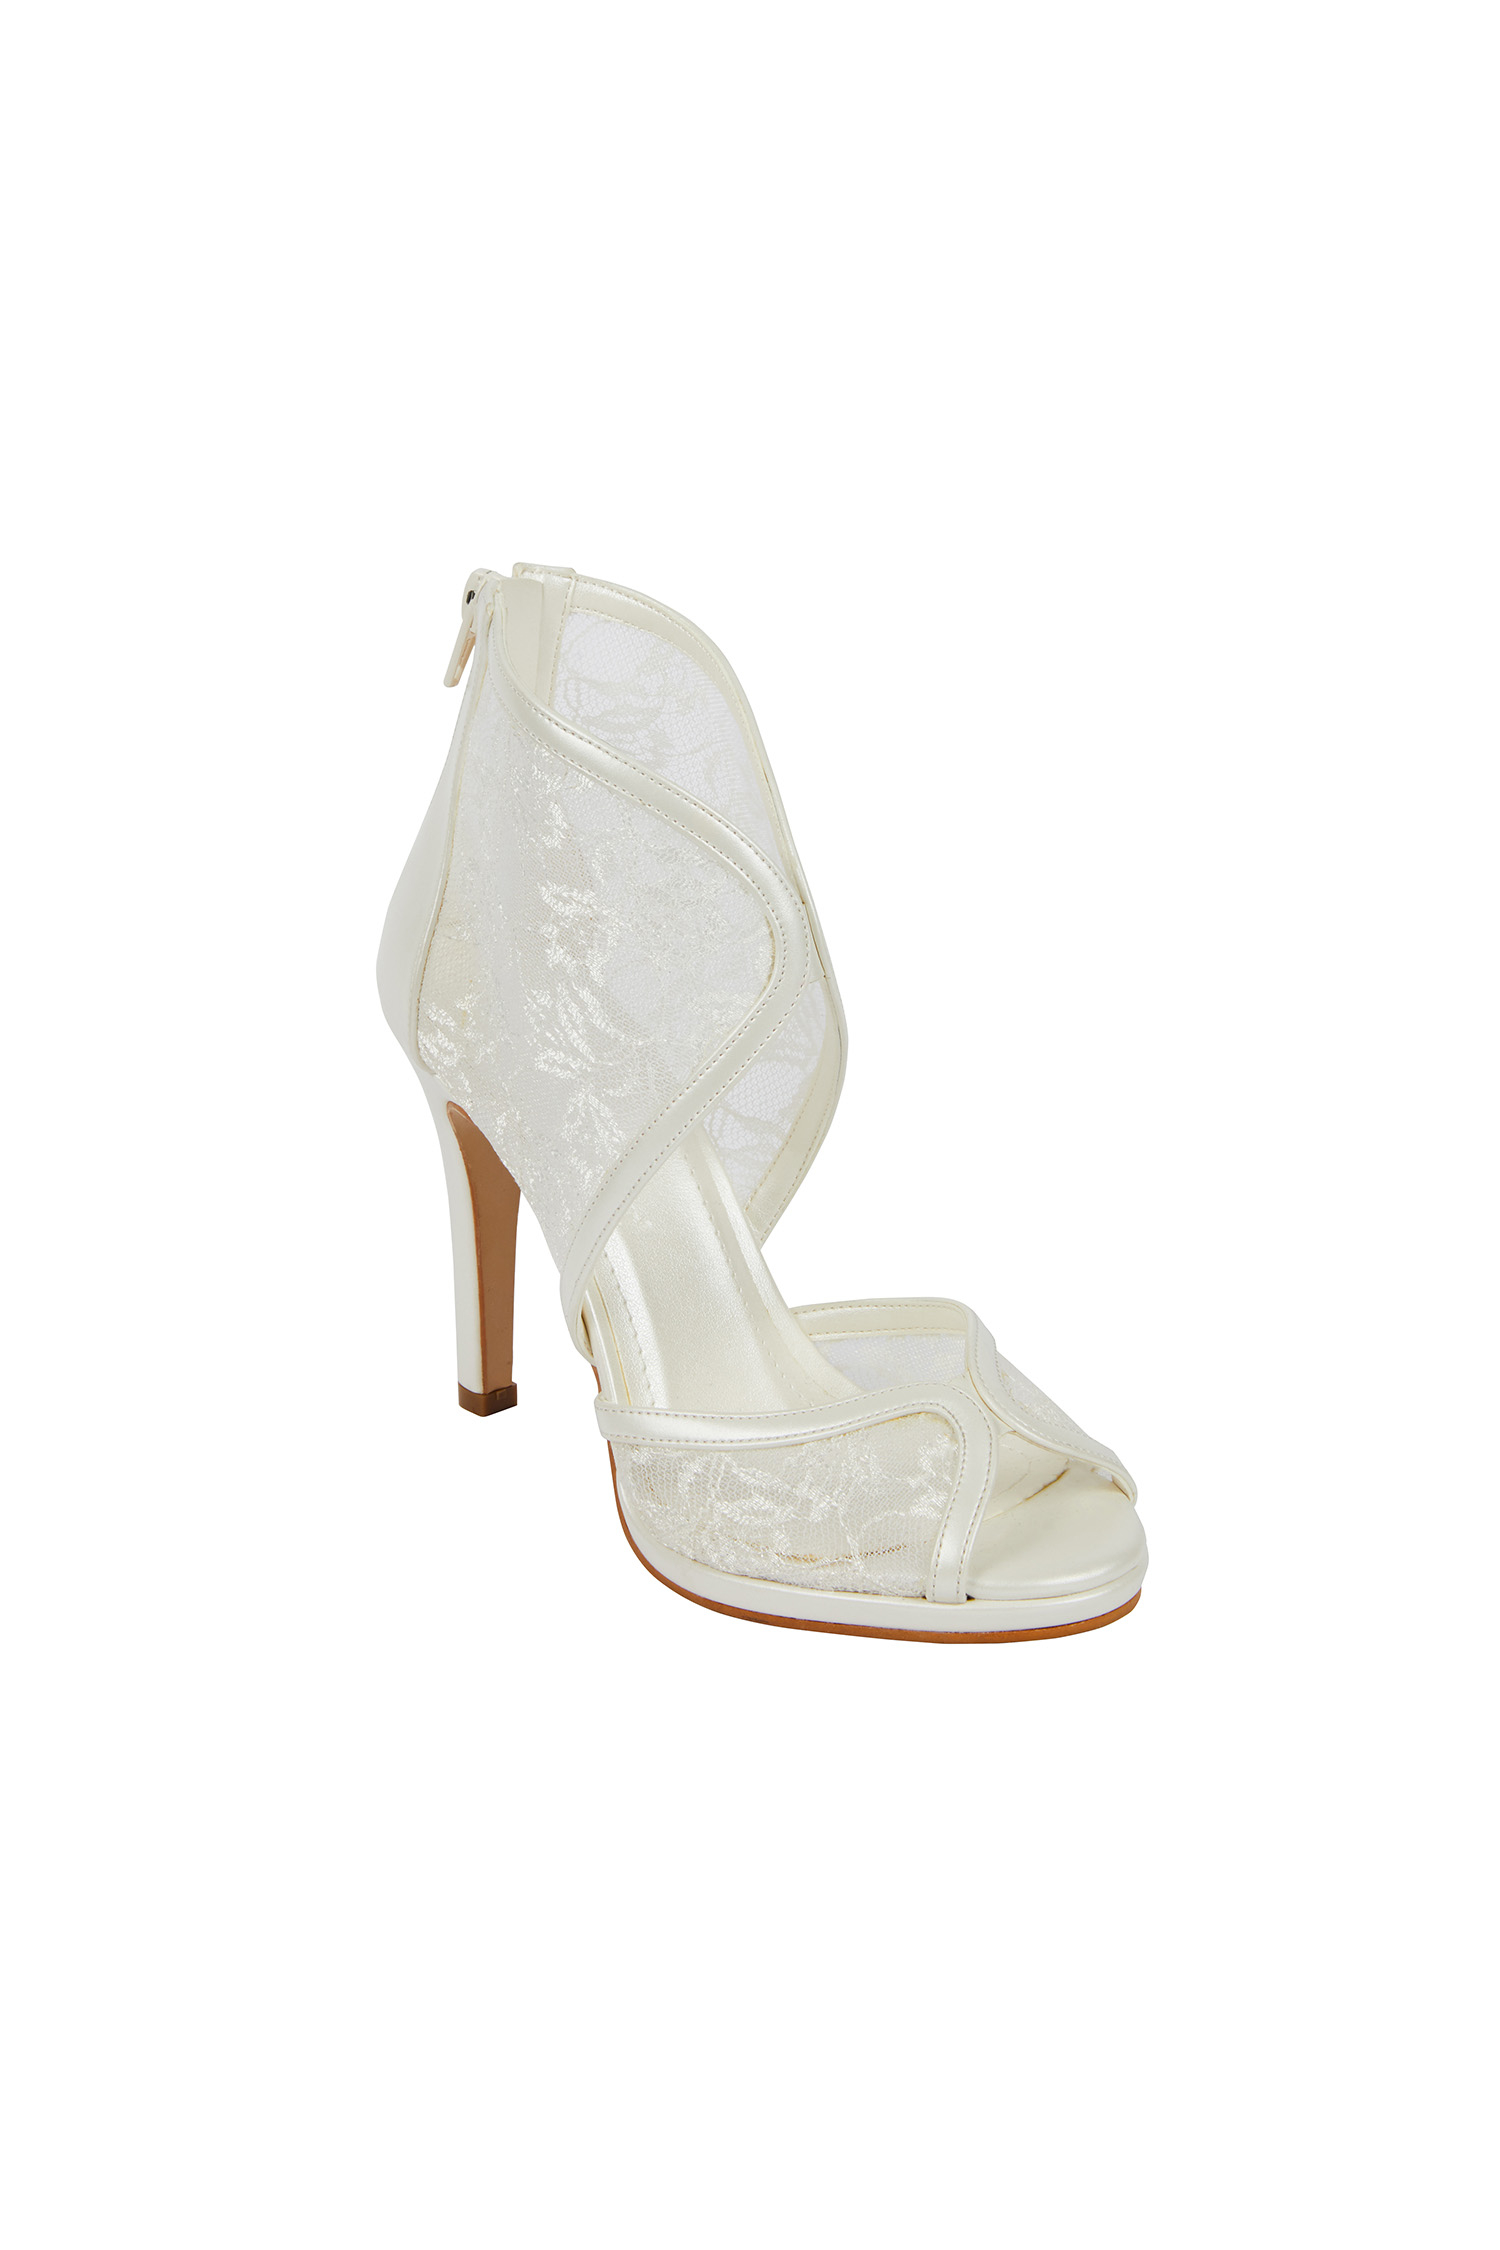 Dantel İşlemeli Kırık Beyaz Gelin Ayakkabısı